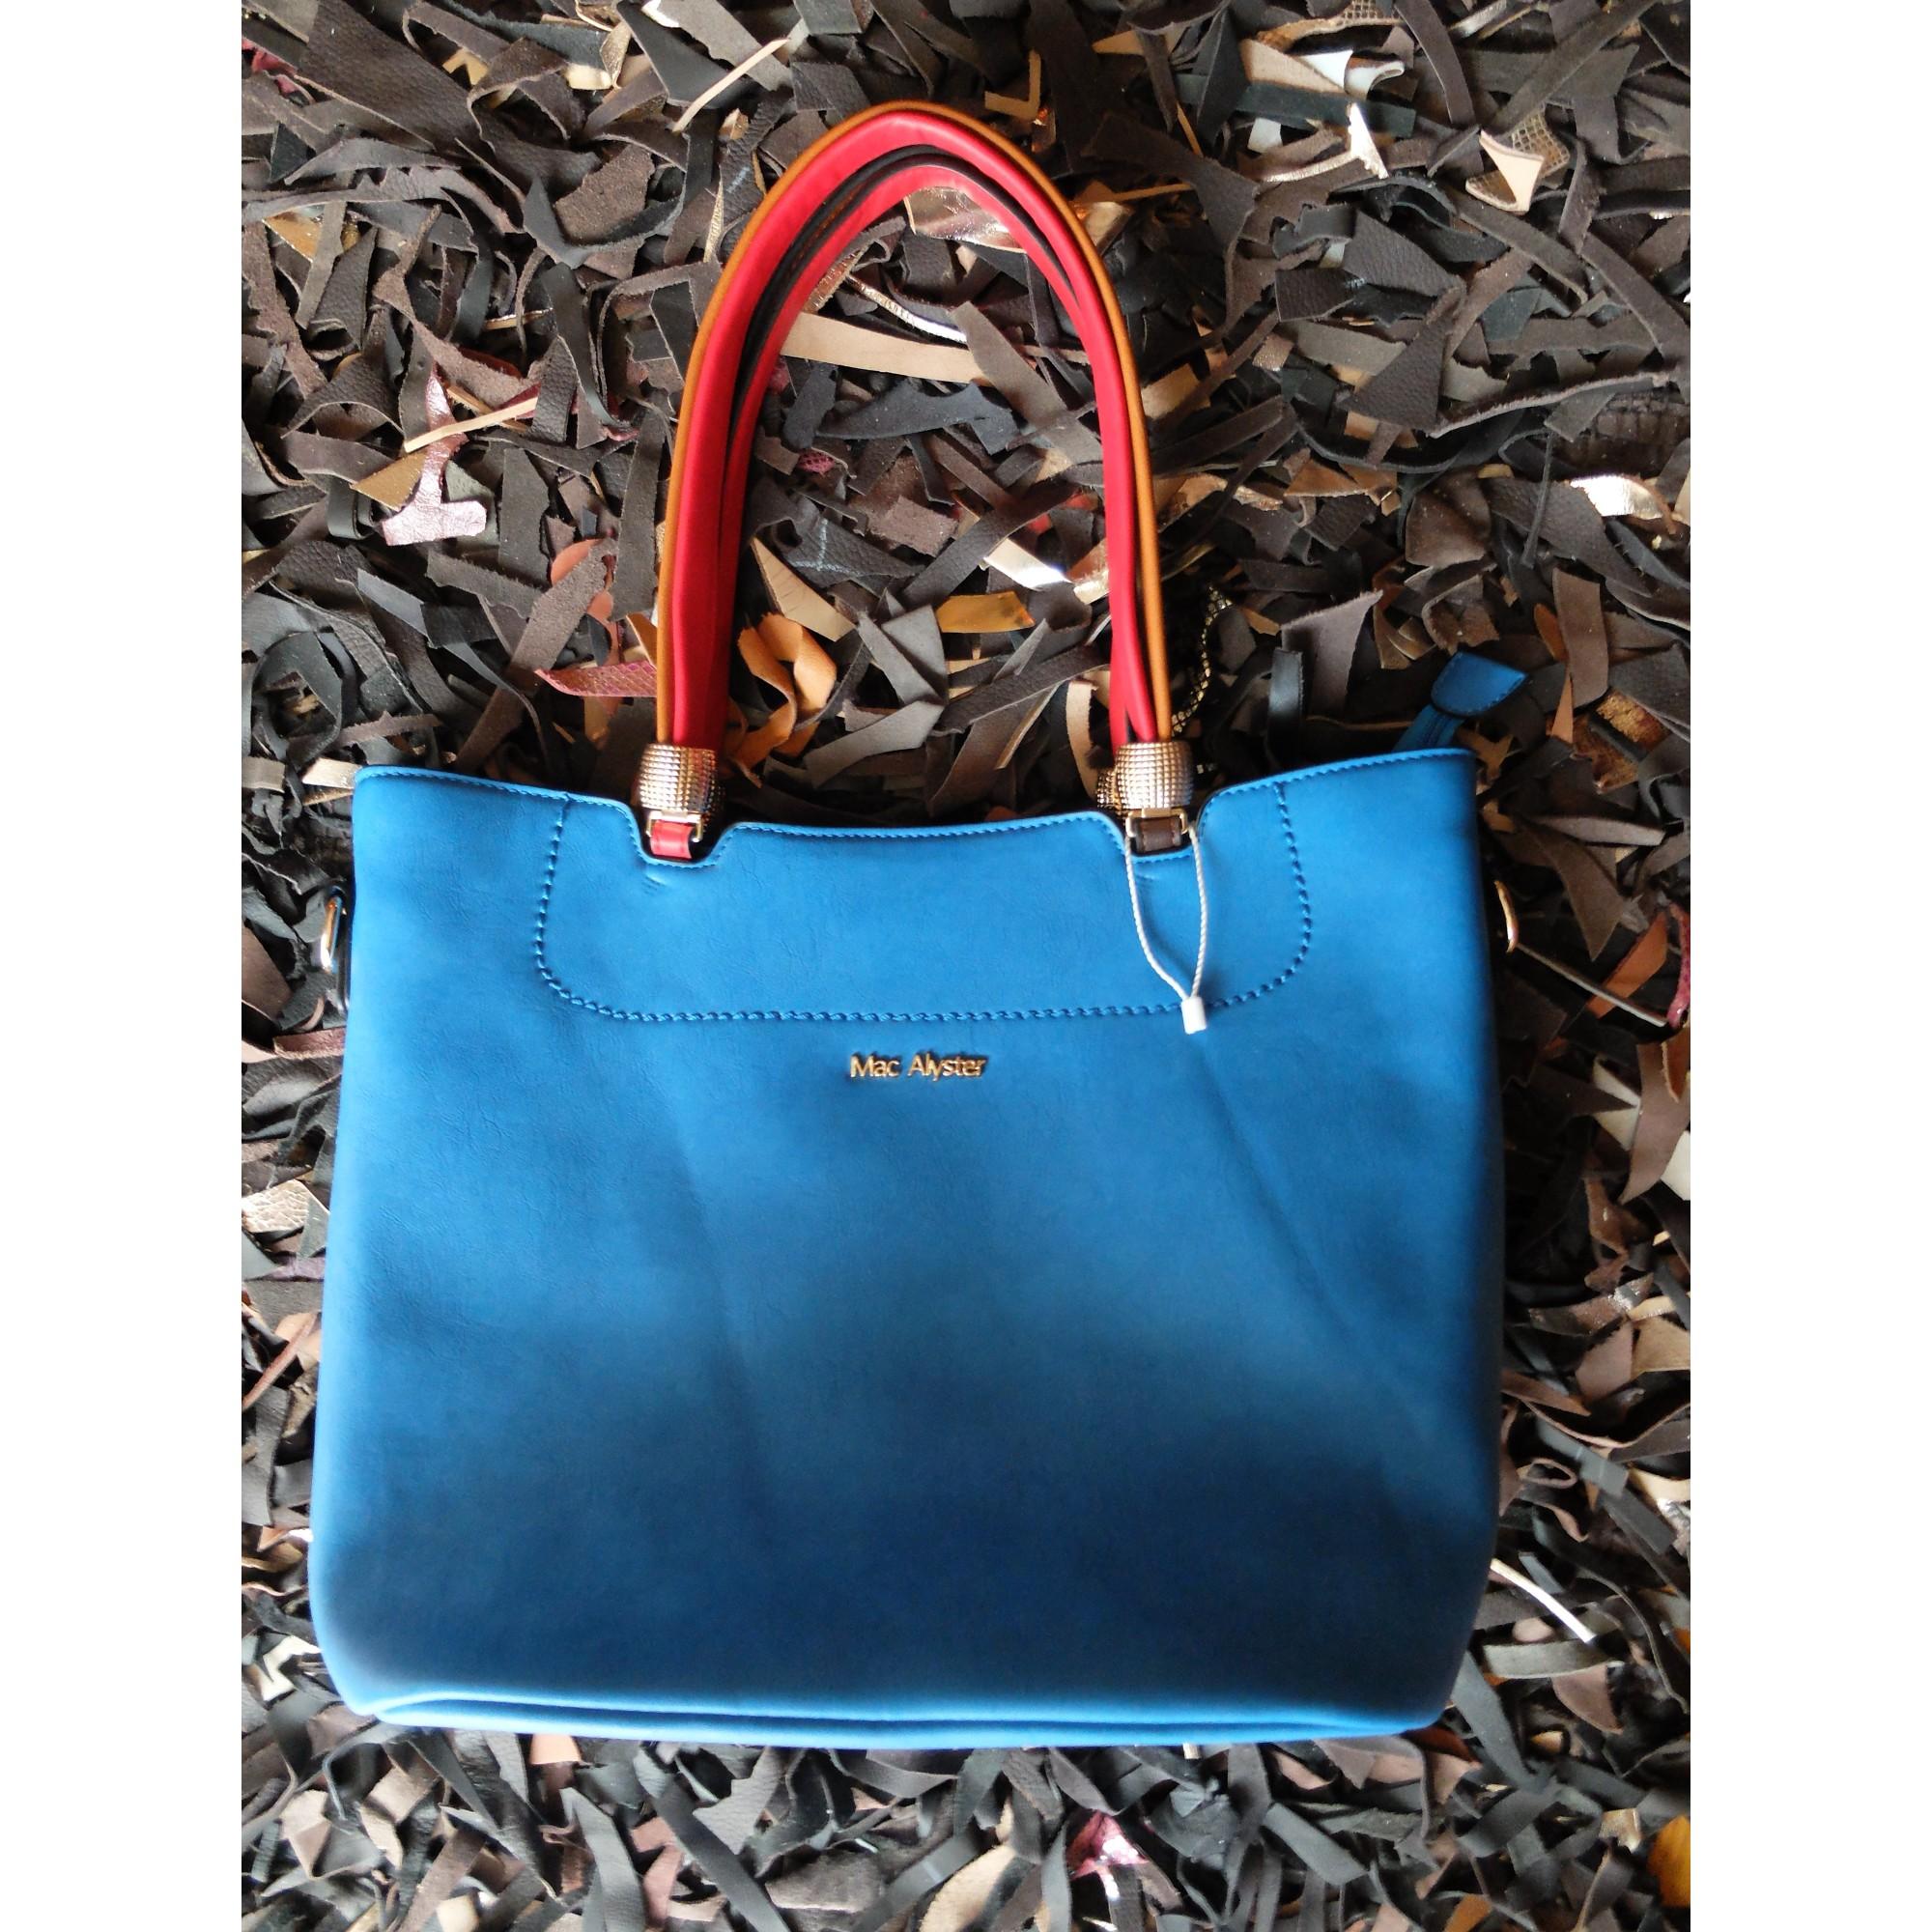 Sac En 5990274 Mac Bleu Xl Alister Cuir l1uTFKc3J